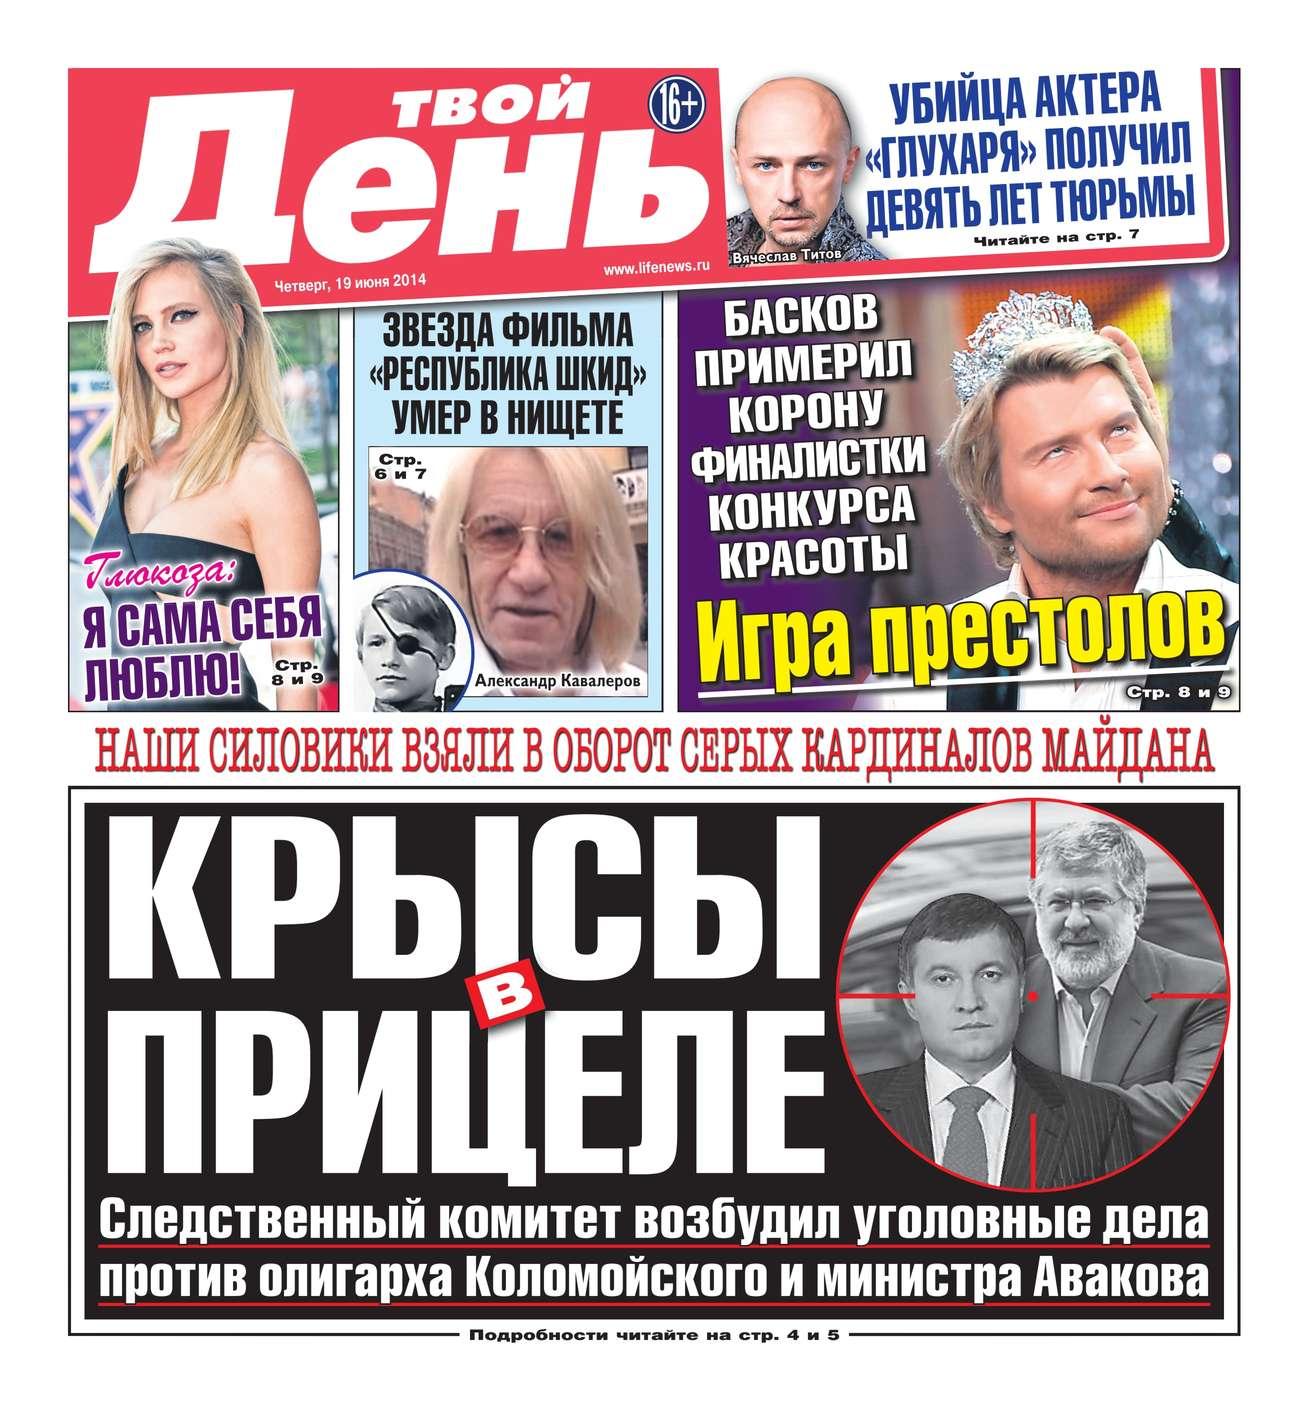 Редакция газеты Твой день Твой день 129-2014